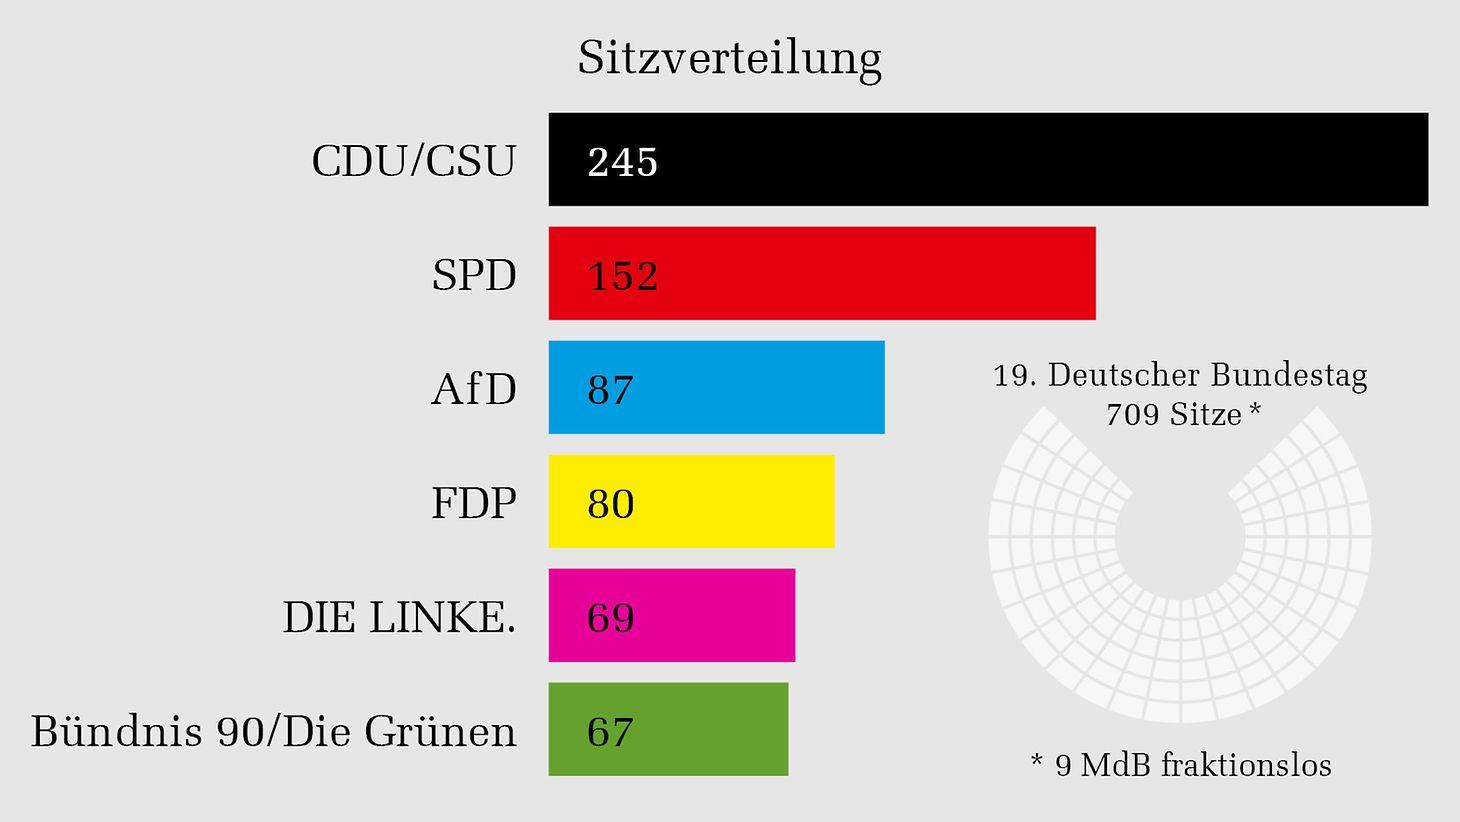 Deutscher Bundestag - Fraktionen im Deutschen Bundestag